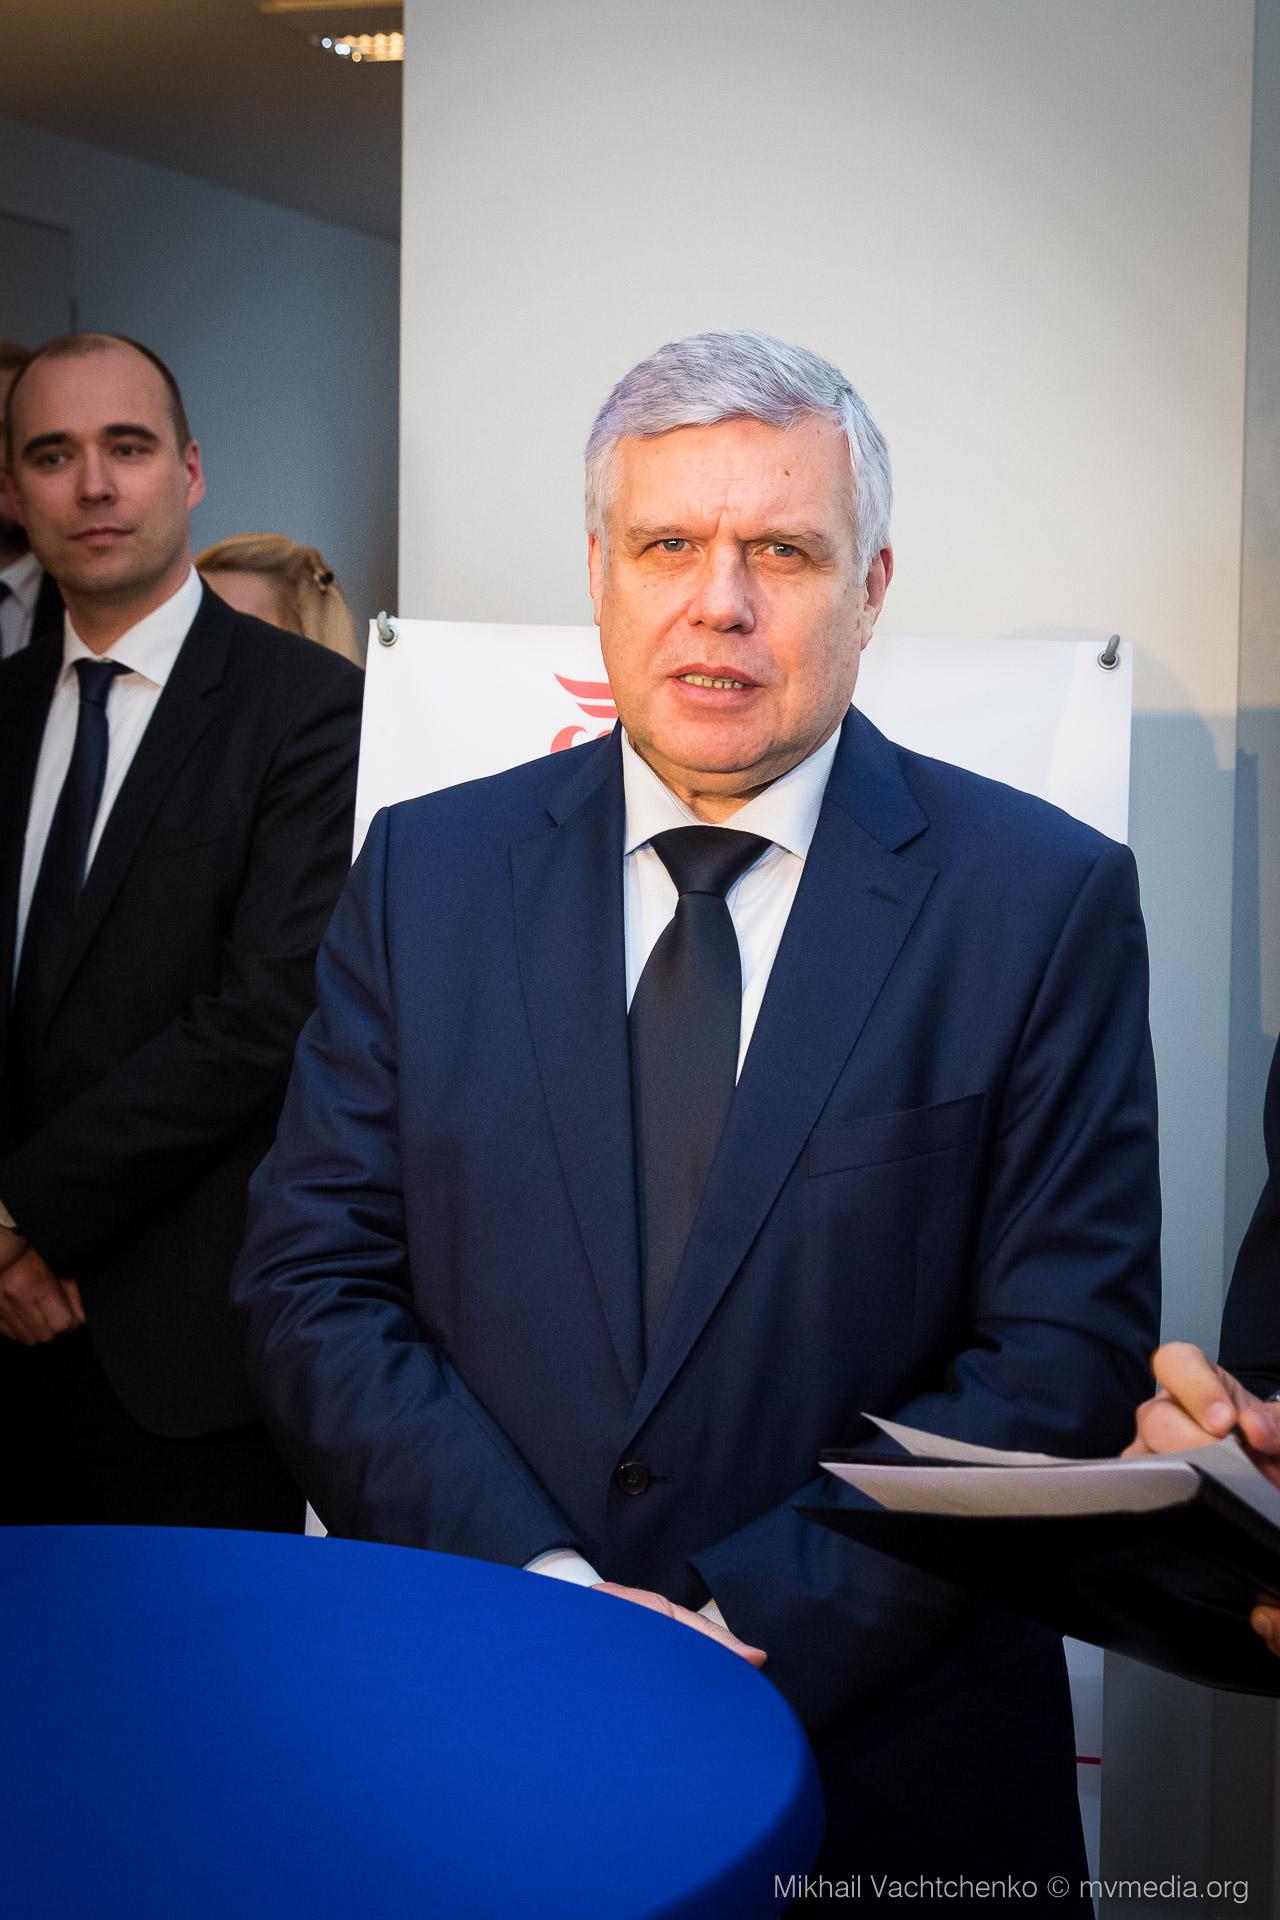 Der Generalkonsul der Russischen Föderation in Leipzig Viacheslav A. Logutov